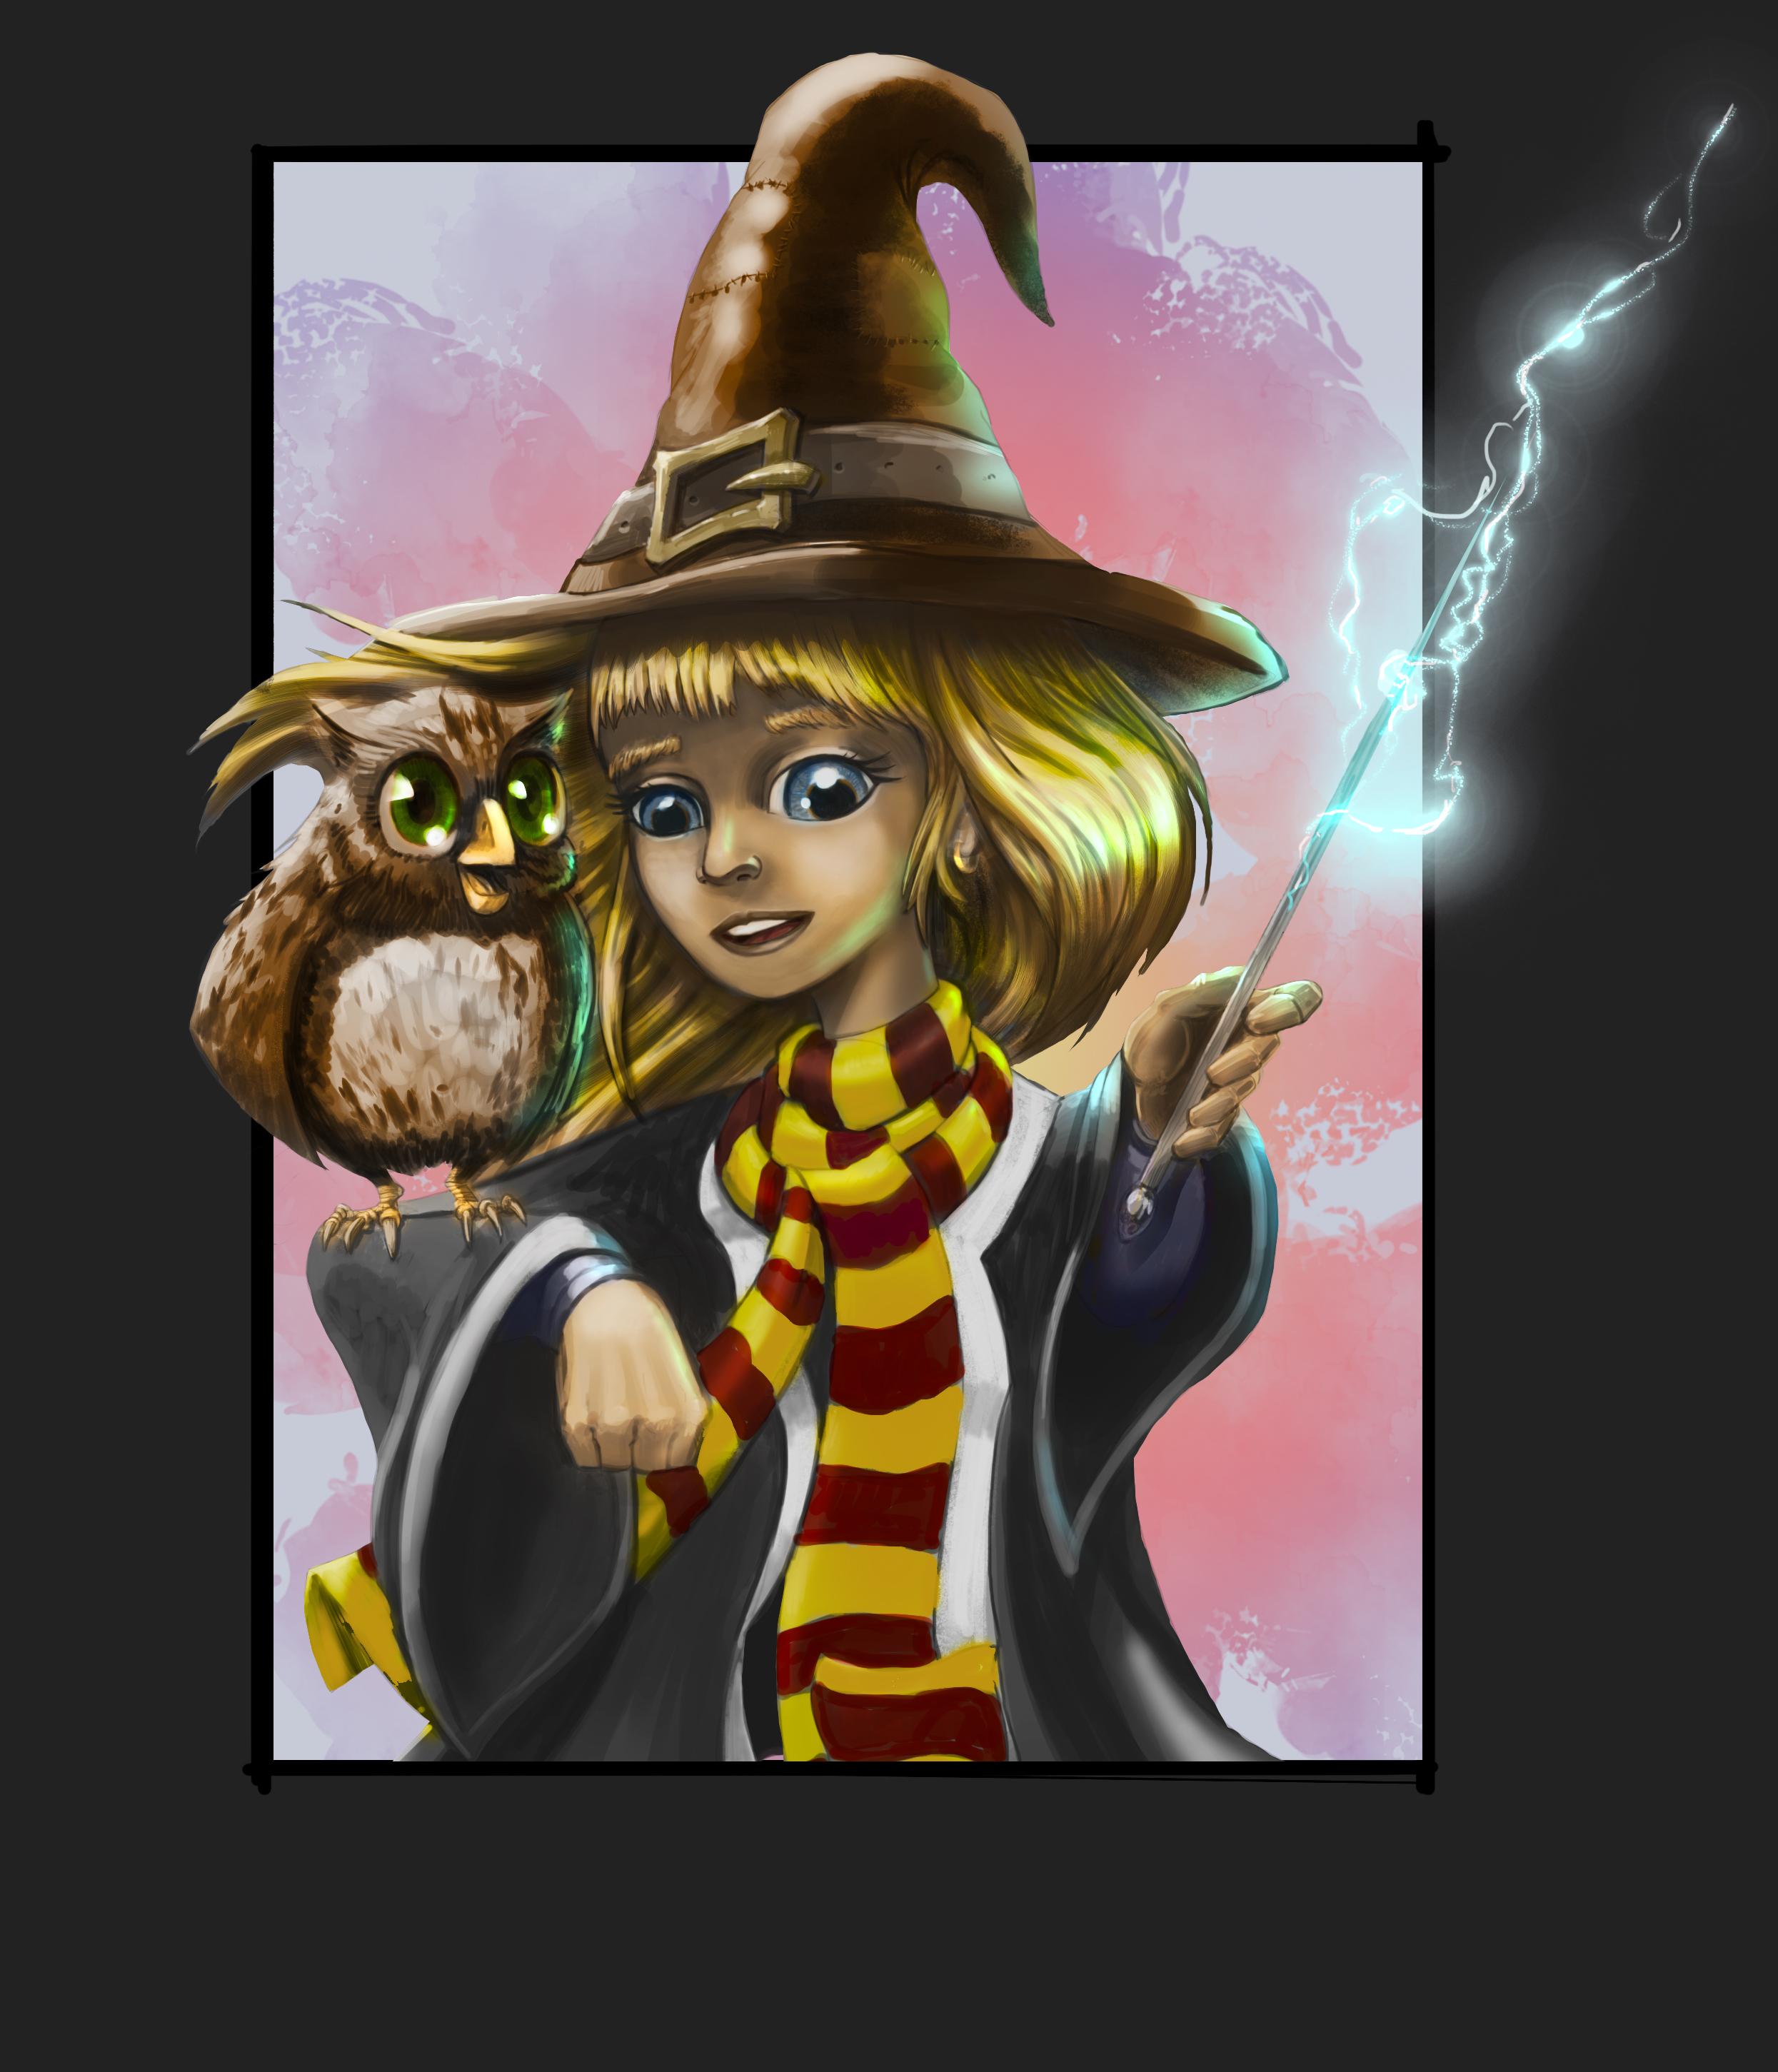 Hermione Granger from Harry Potter fanart